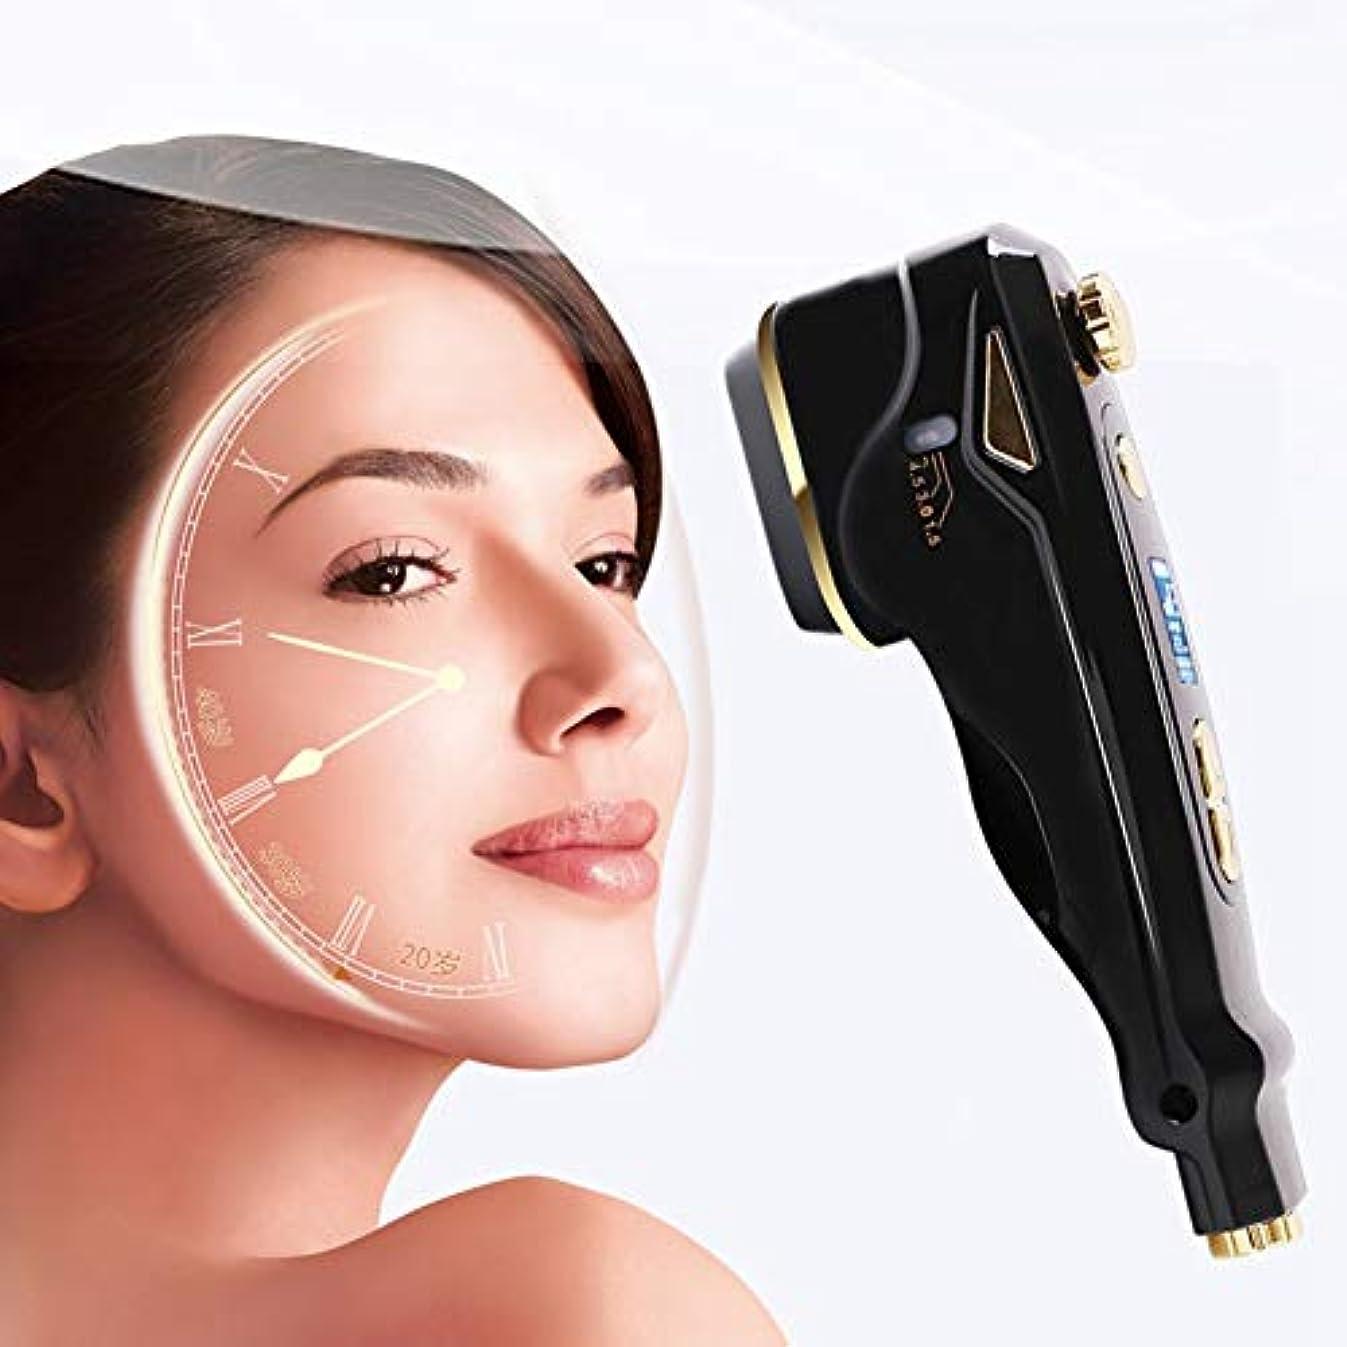 ナンセンス課す特派員スキンフェイシャルマシン - ポータブルハンドヘルド高周波スキンセラピーマシンにきび肌のしわを引き締めダークサークルを軽減します腫れぼったい目の美容ツール